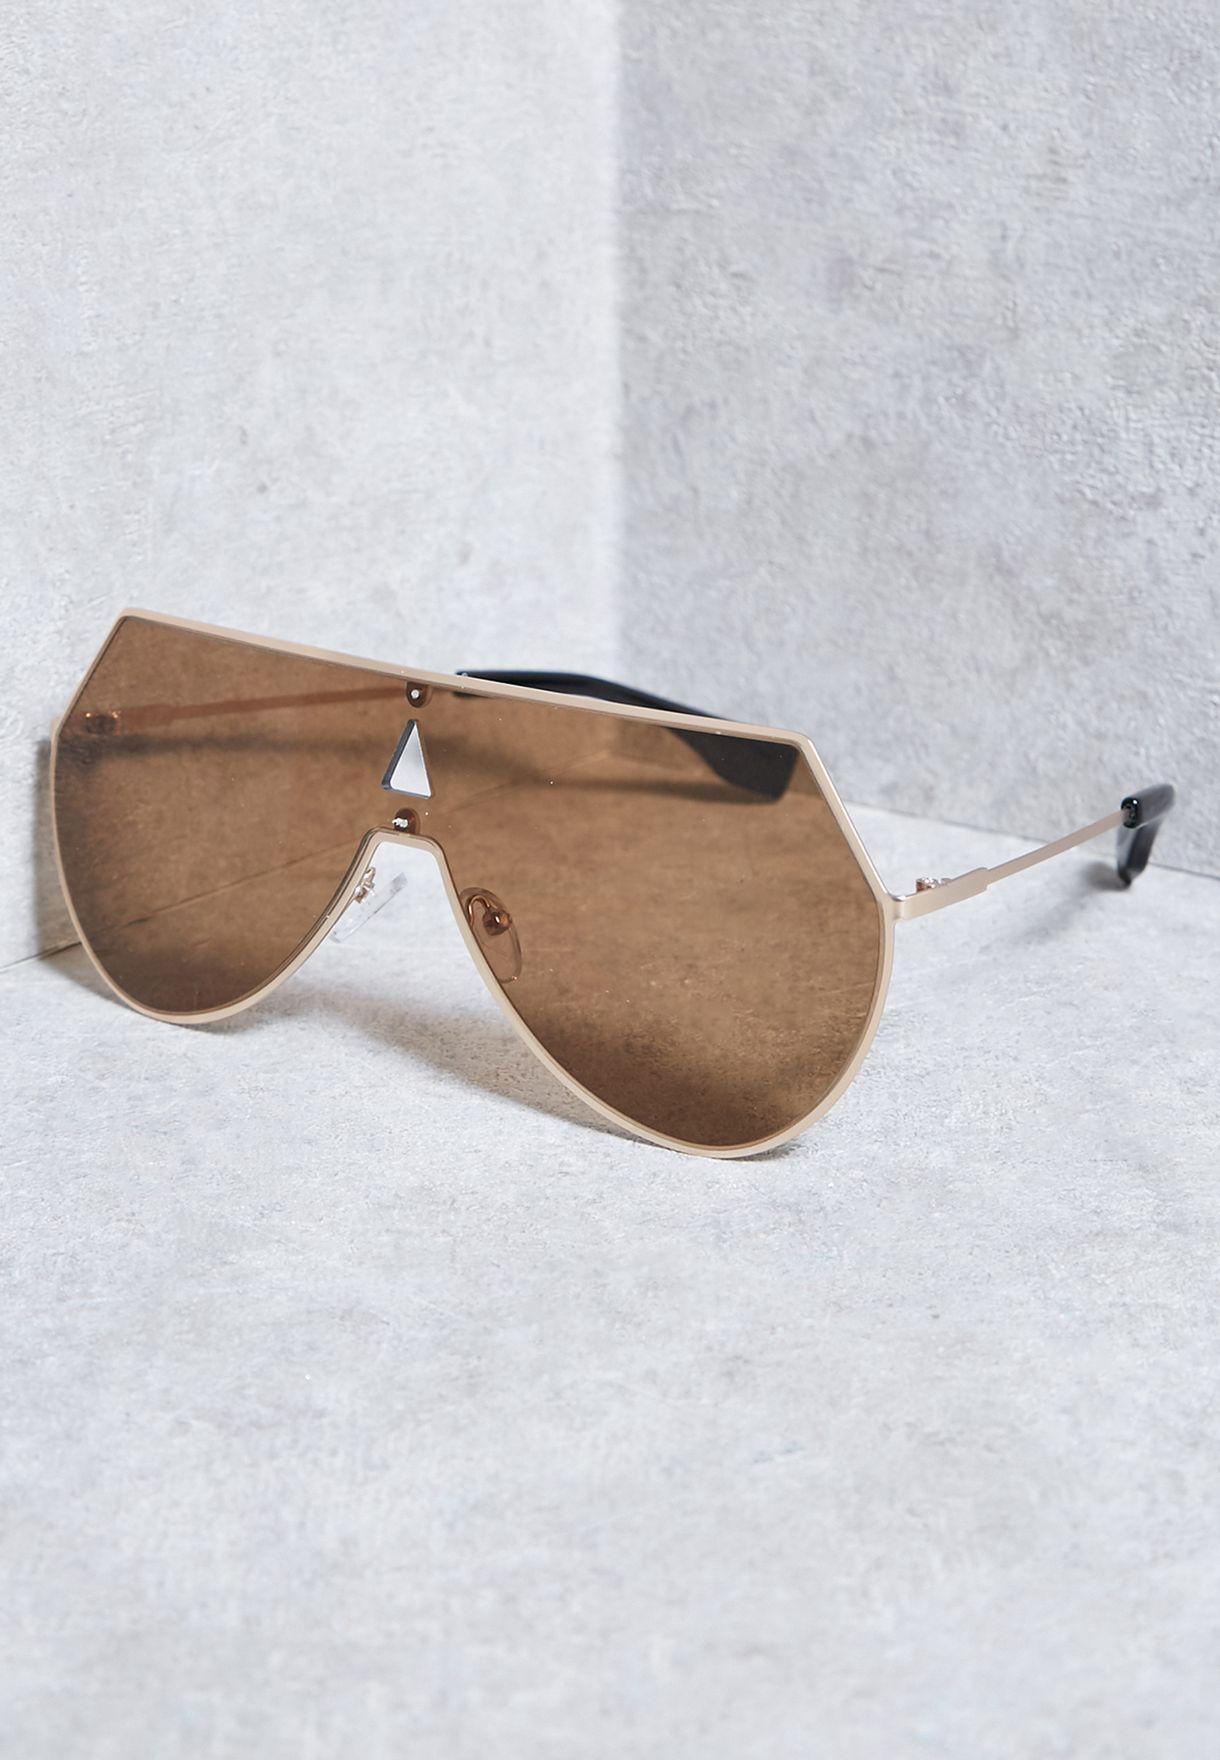 facc1b150 تسوق نظارة شمسية بدون إطار ماركة جينجر لون ذهبي S170303 في قطر ...